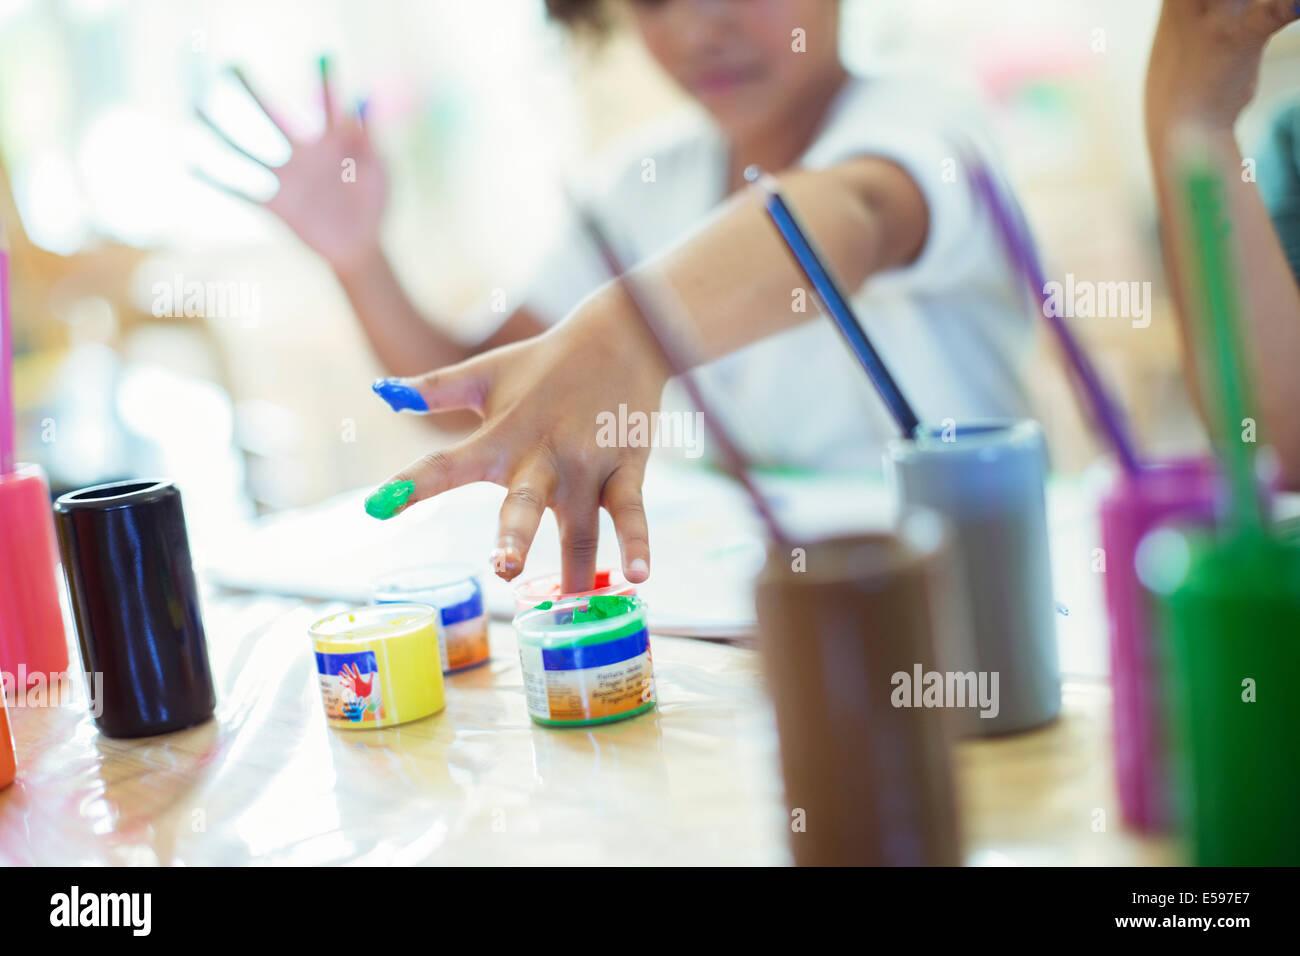 La peinture au doigt pour étudiants en classe Photo Stock